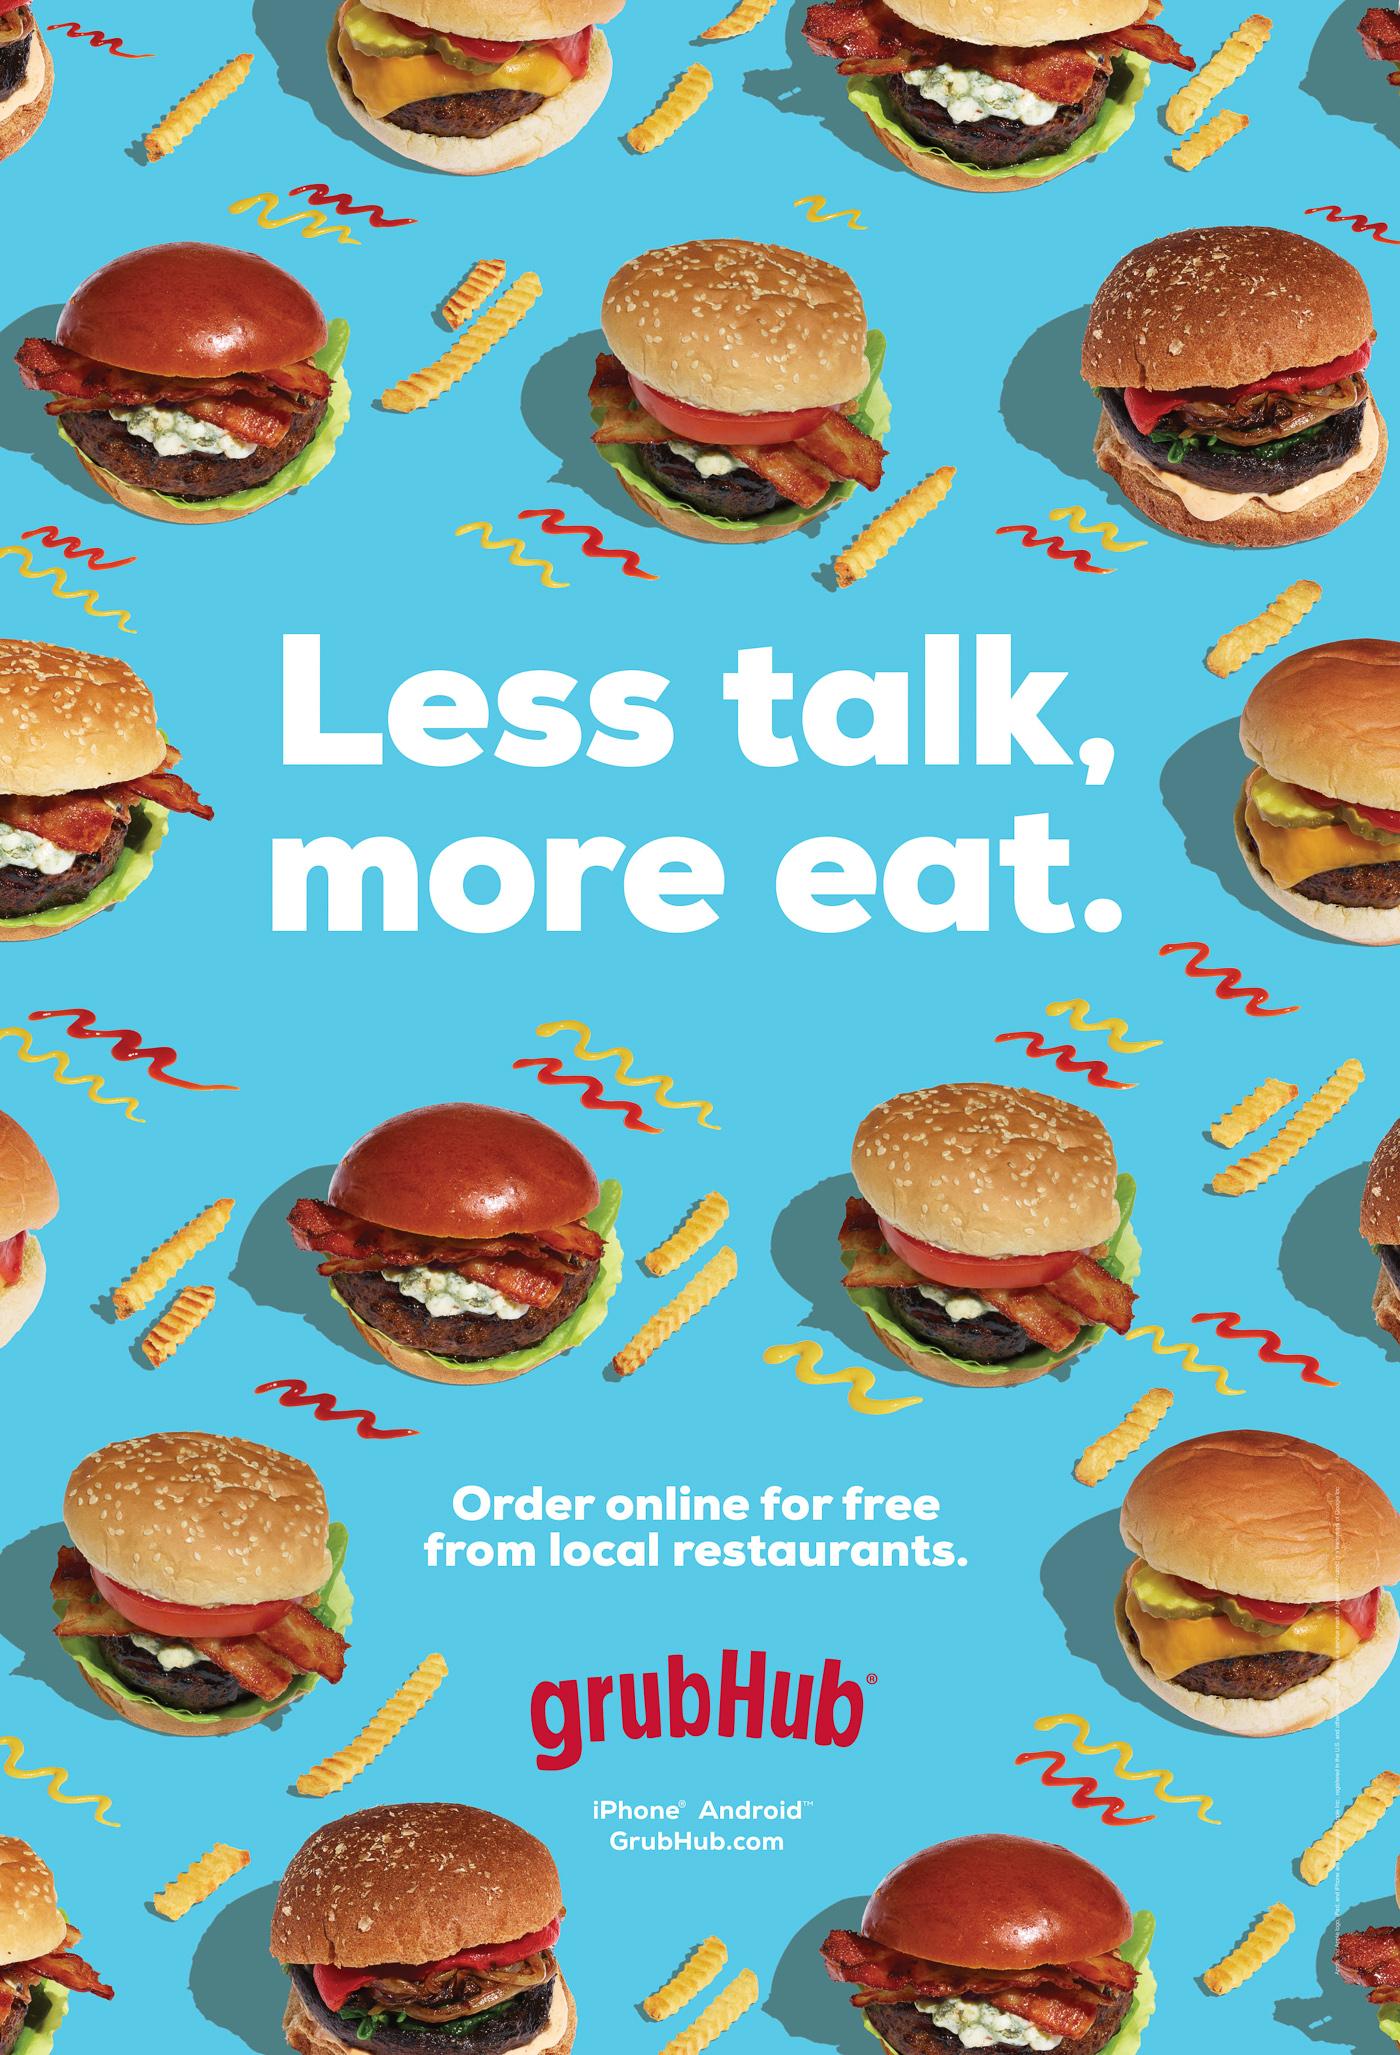 Burgers_Grubhub_69x47__Chi_BusShelter_3_Safety